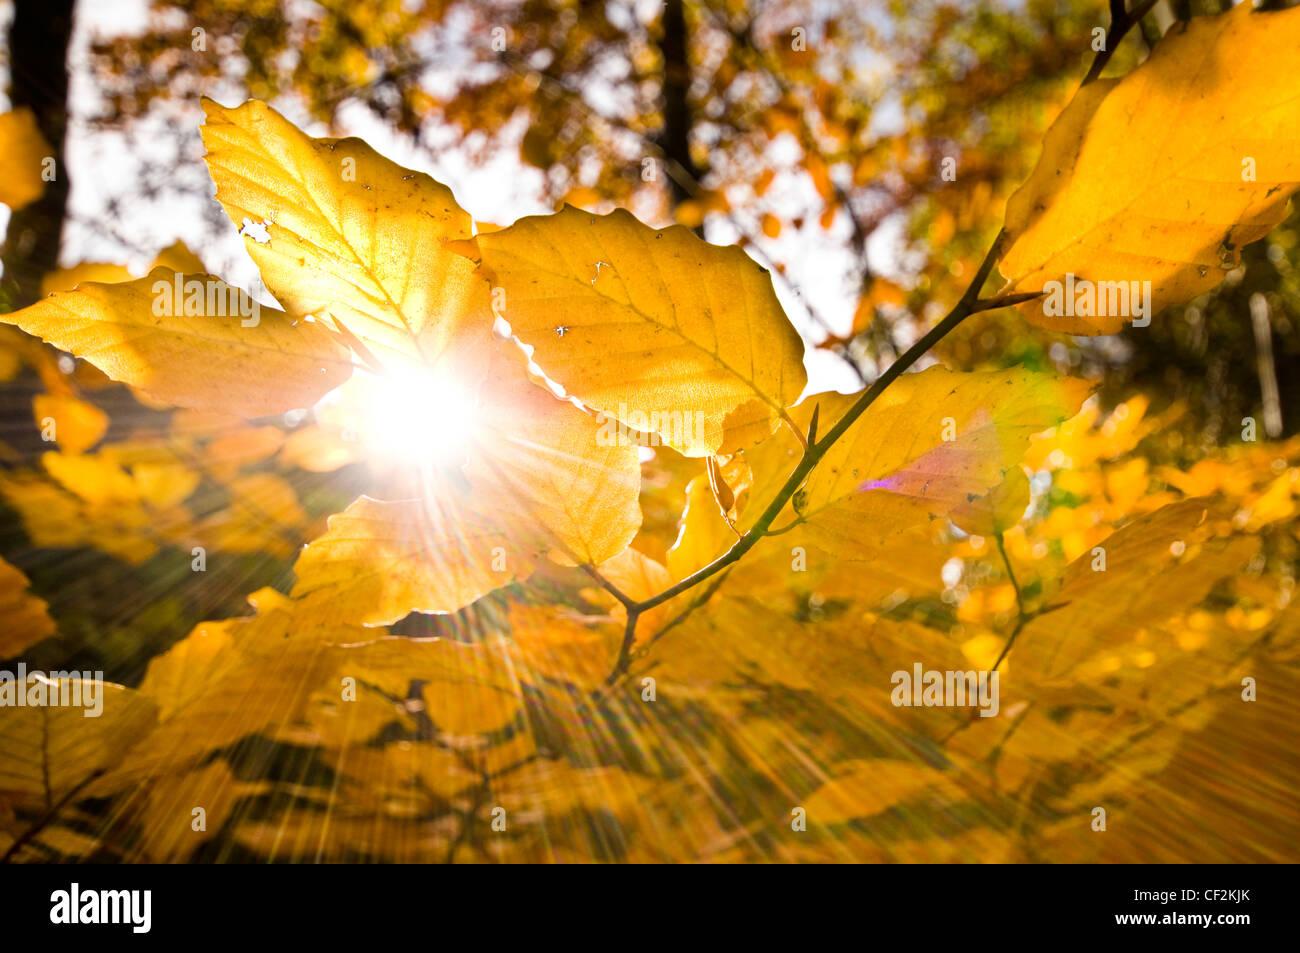 Sole che splende attraverso le foglie d'oro di un bosco di faggi in autunno. Immagini Stock